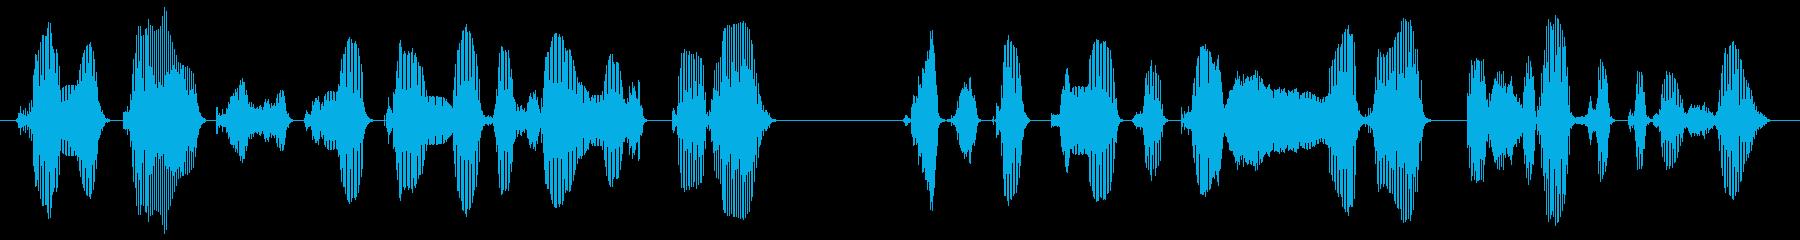 なにかお気づきの点がございましたら お…の再生済みの波形